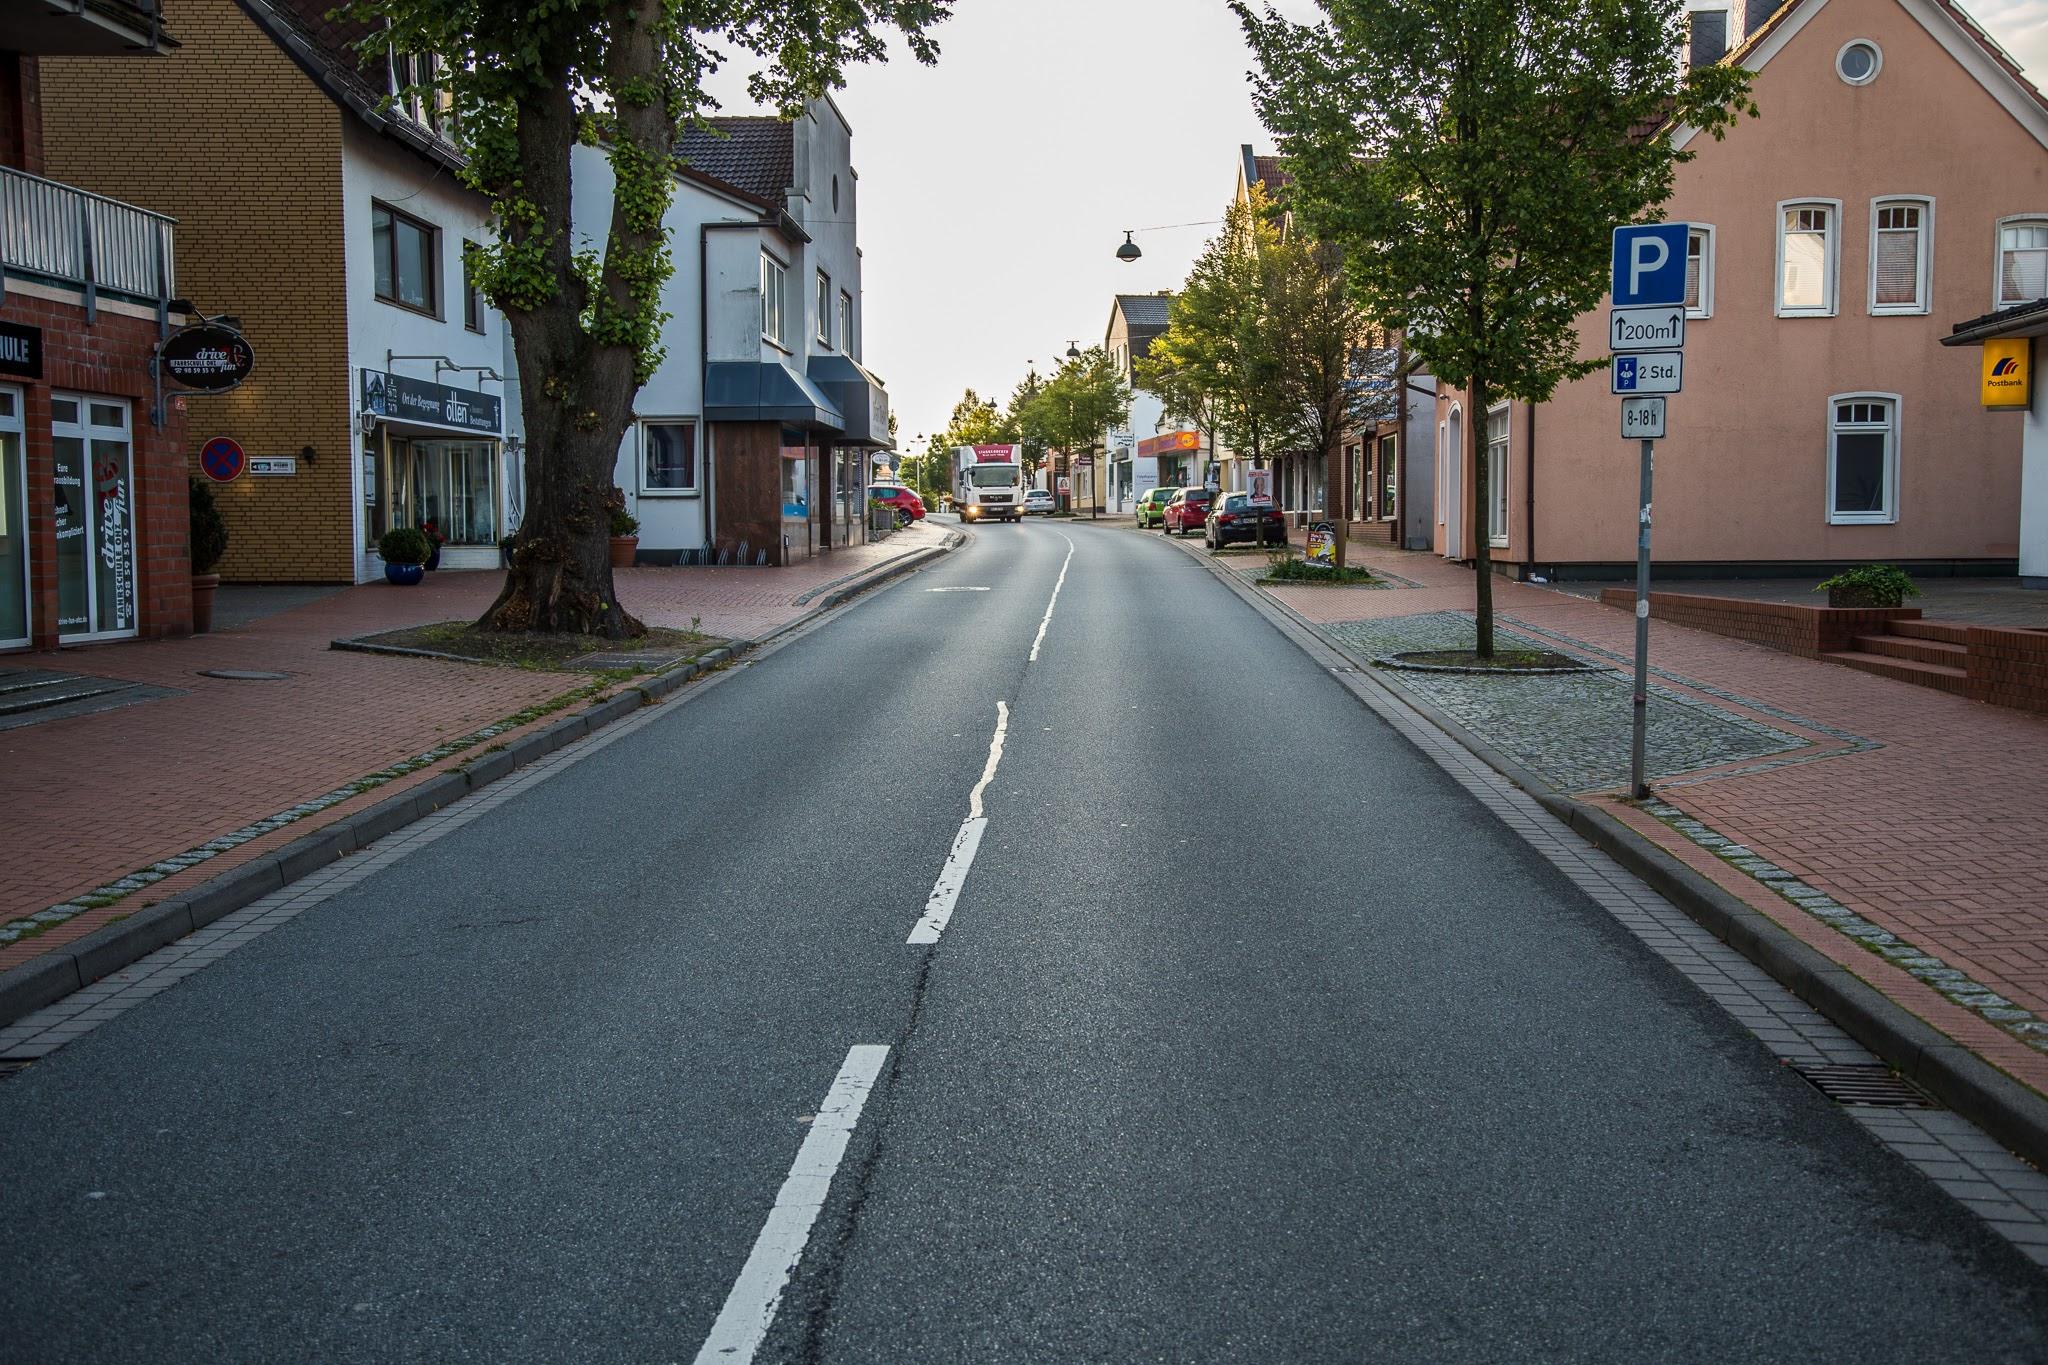 Kein Radweg mittlere Bahnhofstraße in Osterholz-Scharmbeck